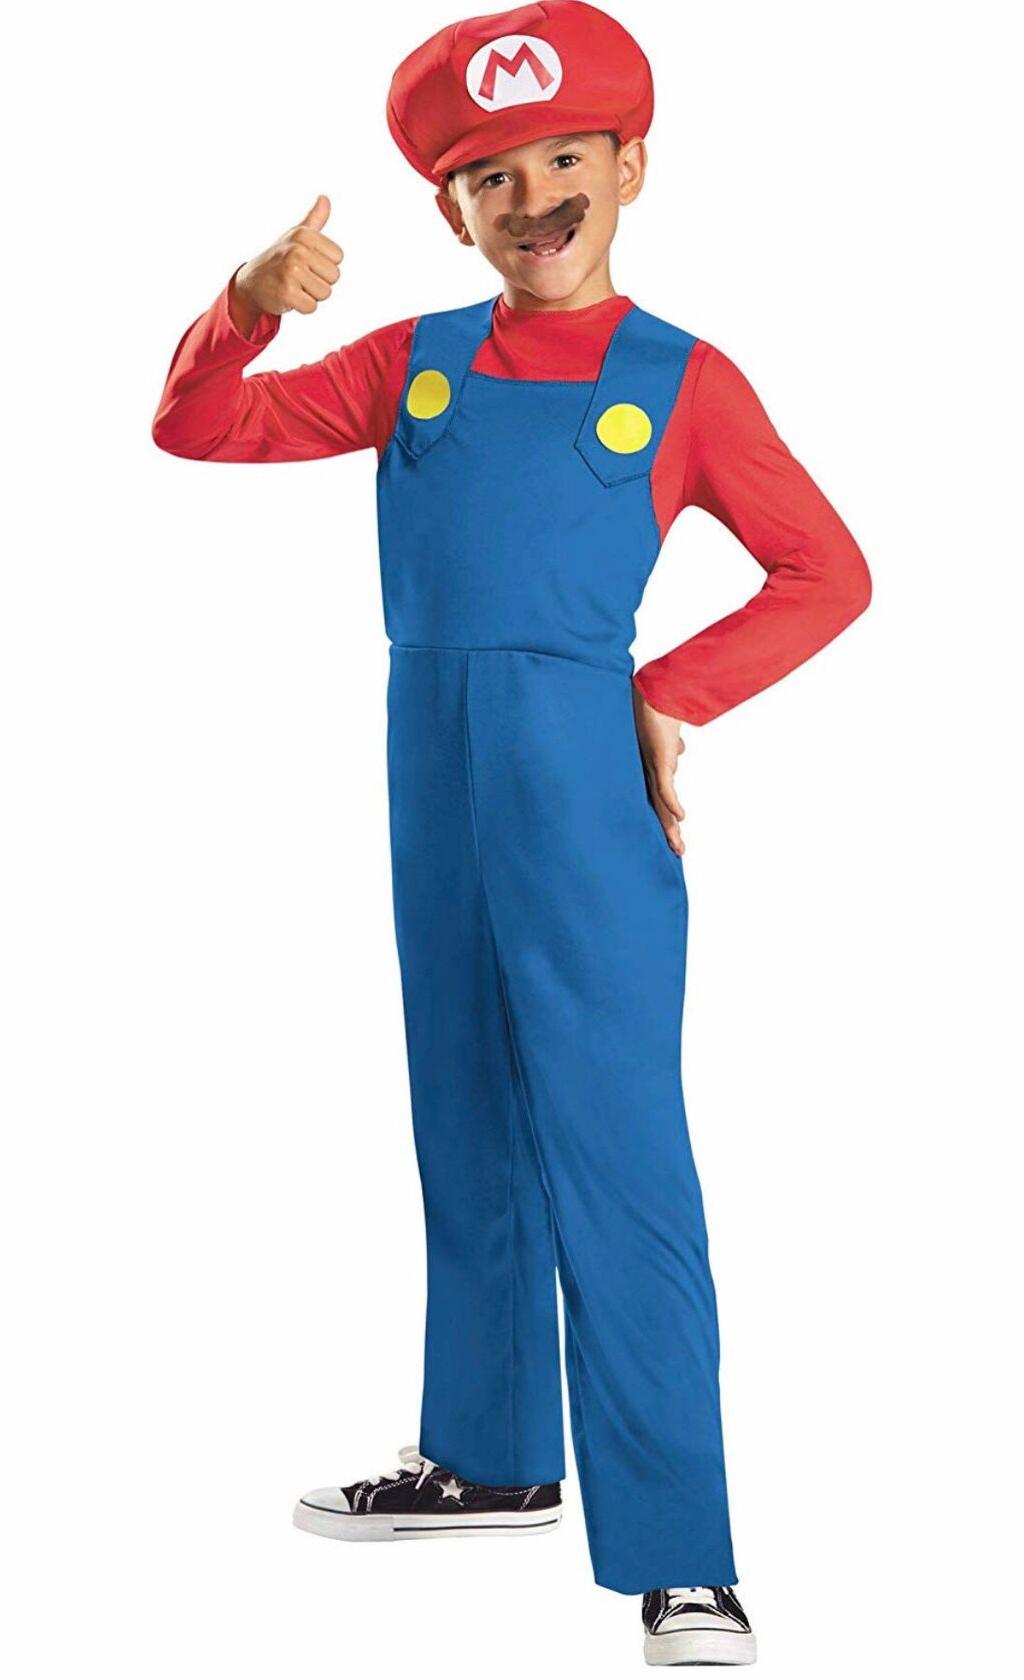 Nintendo Super Mario Brothers Mario Classic Boys Costume